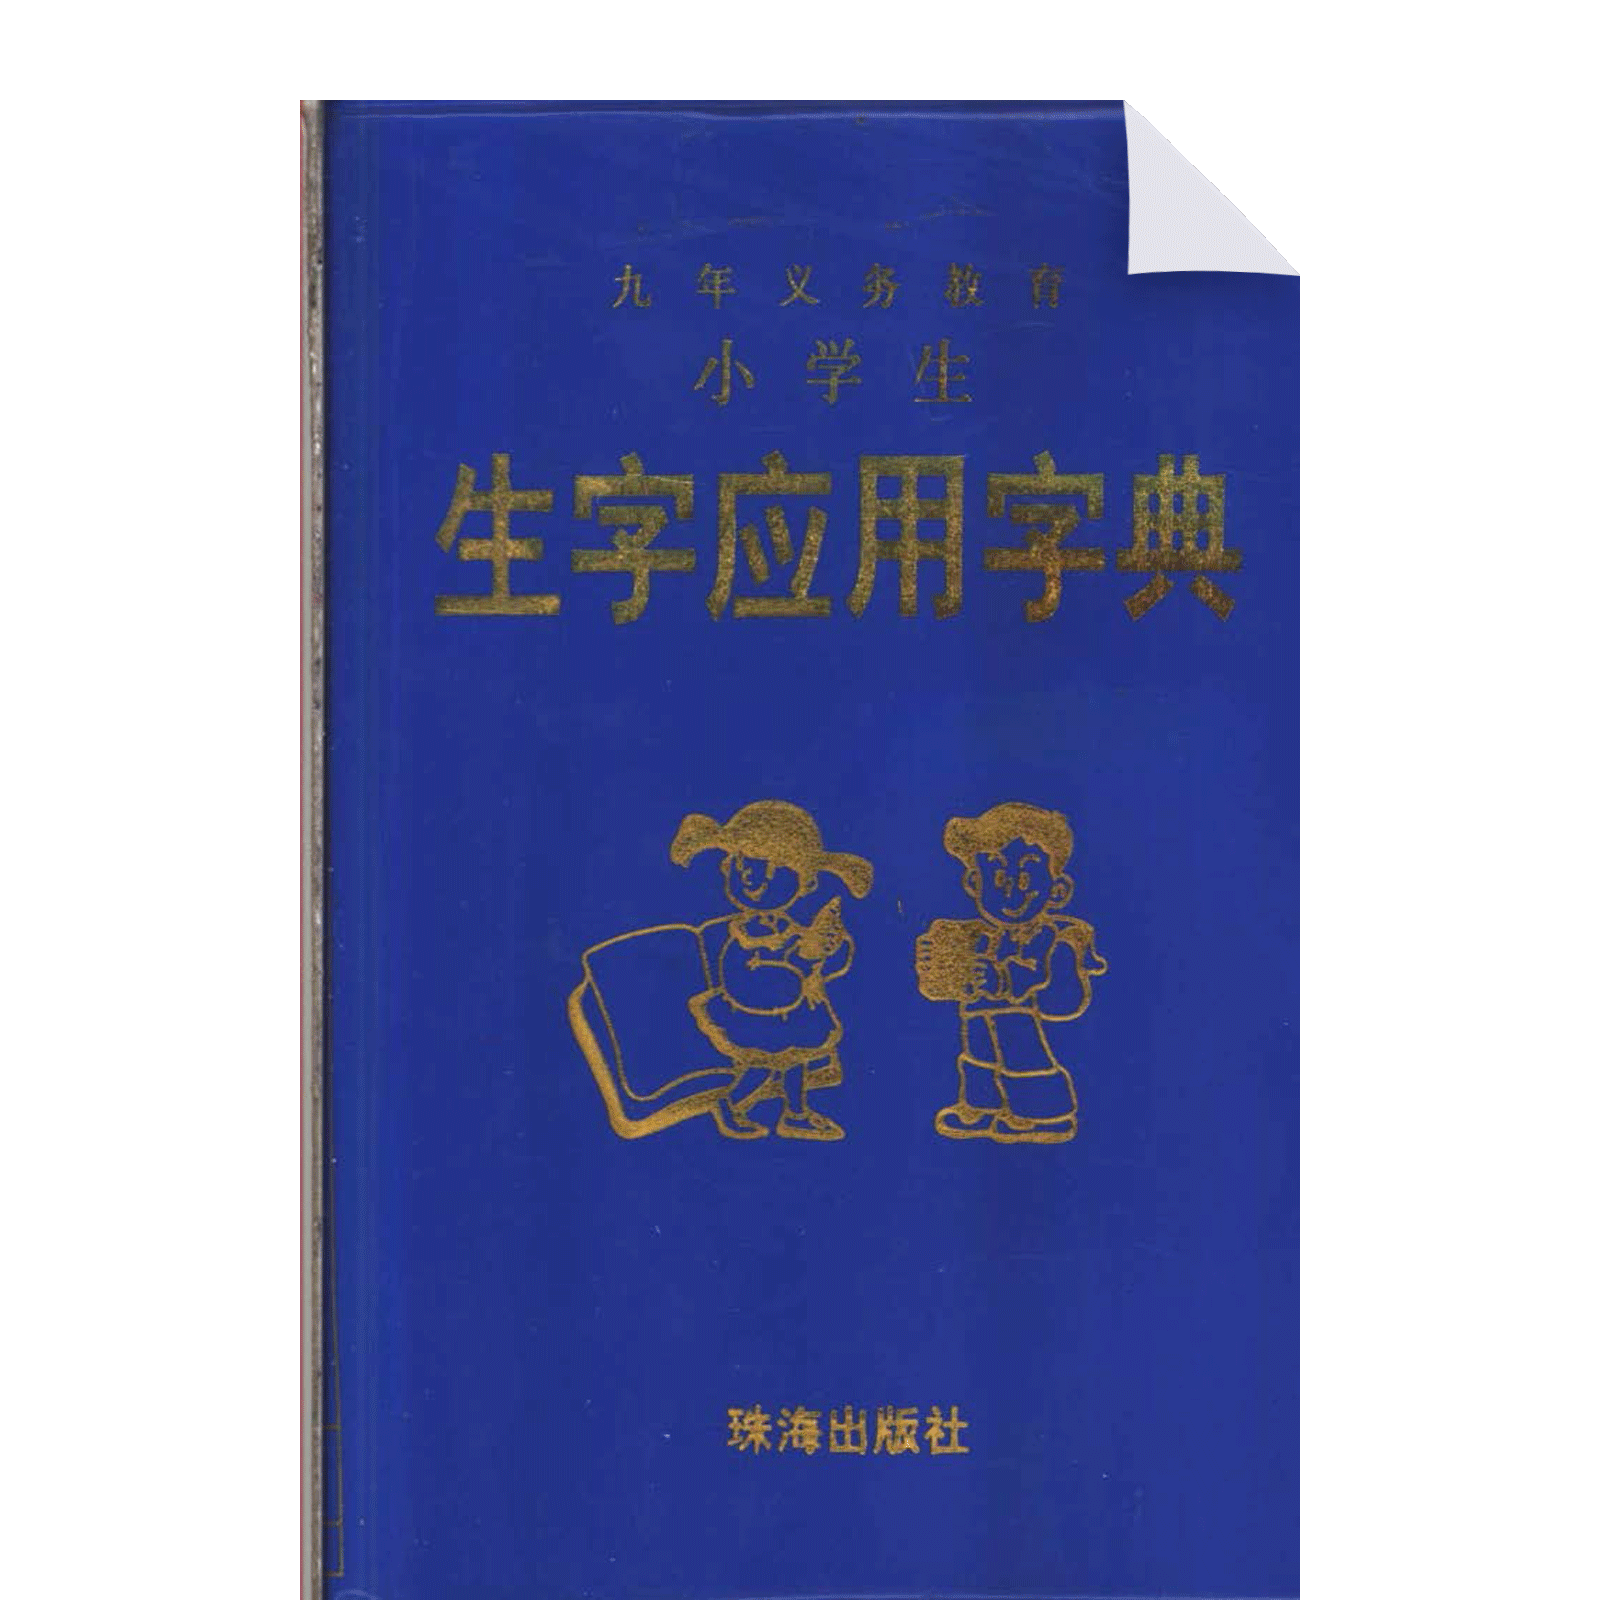 Shengzi Yingyong Zidian